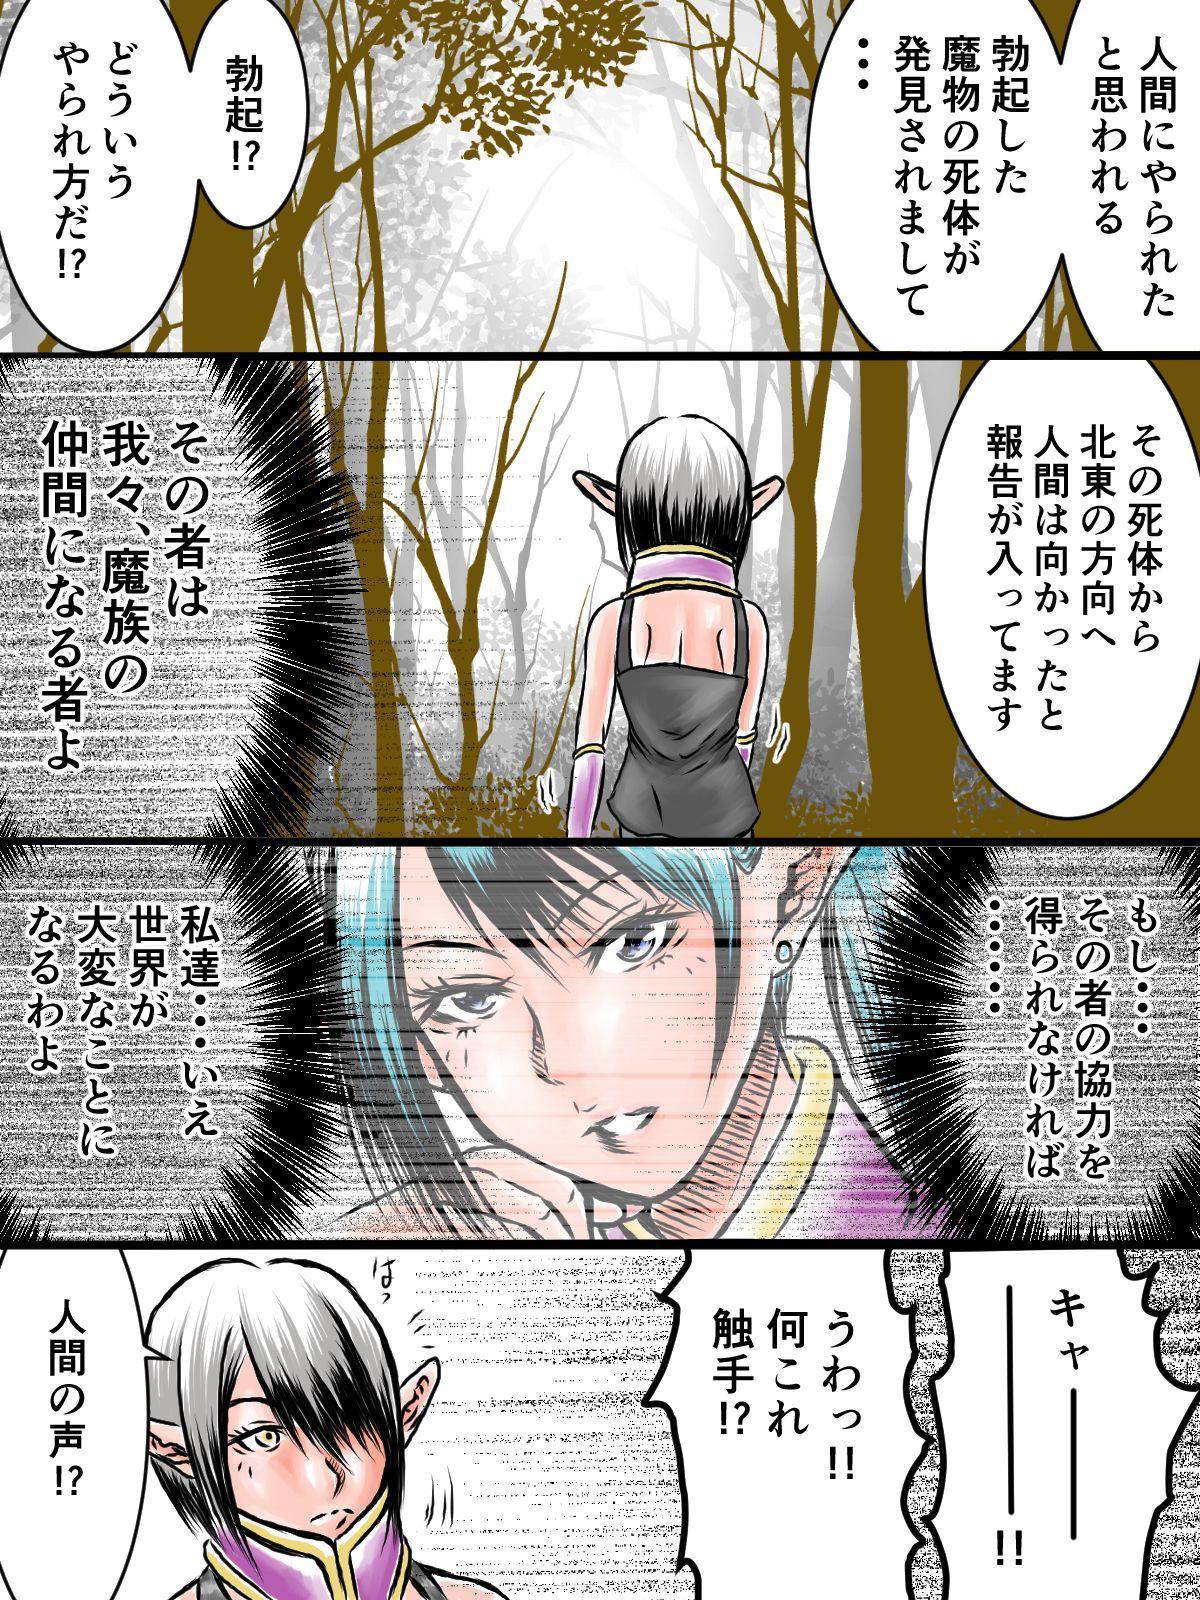 見習い魔導師ちゃん 16